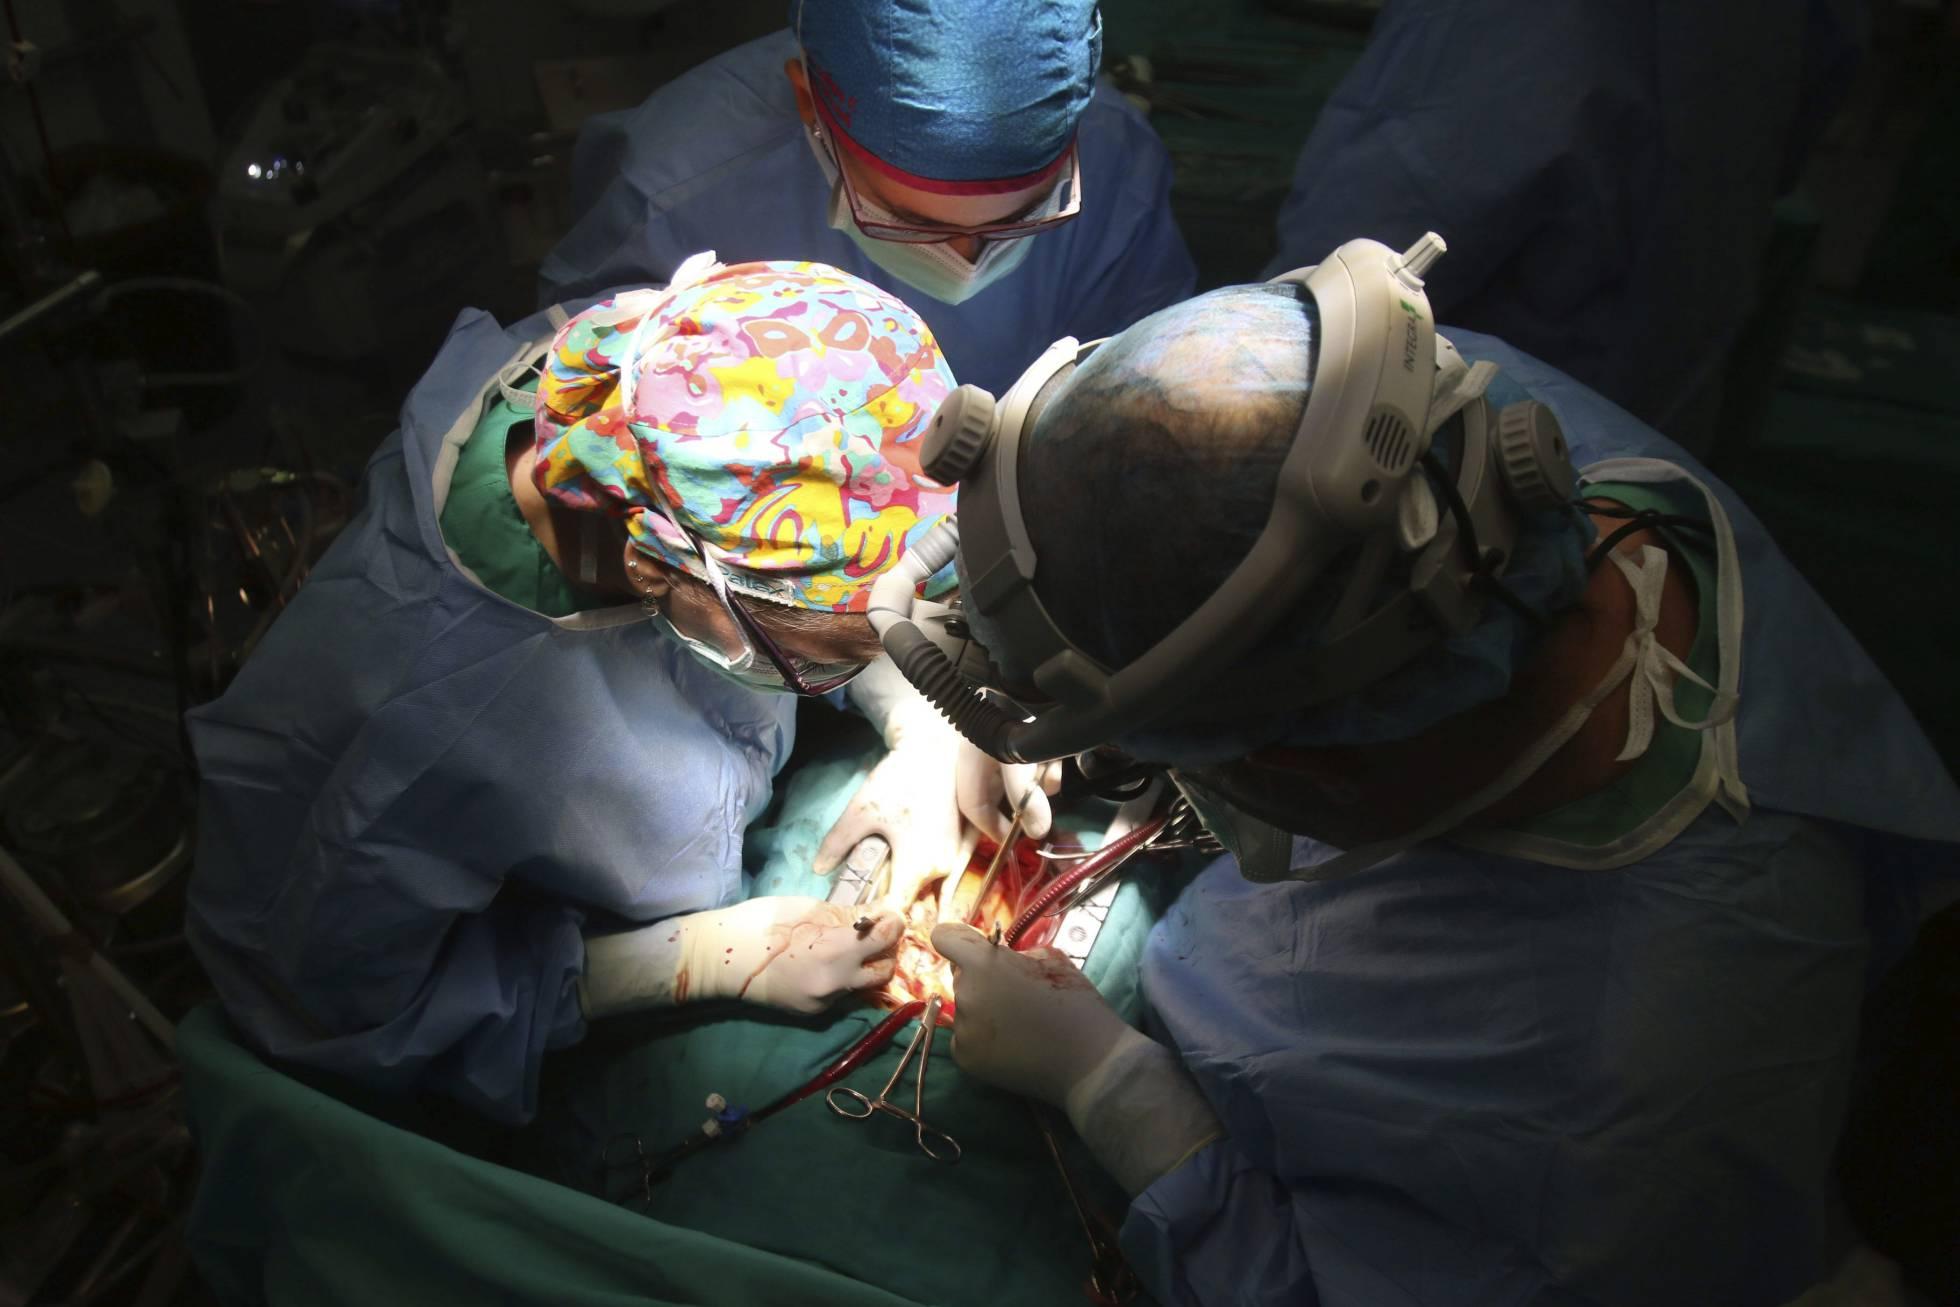 Operación de trasplante en el hospital Reina Sofía de Córdoba. Agencia EFE